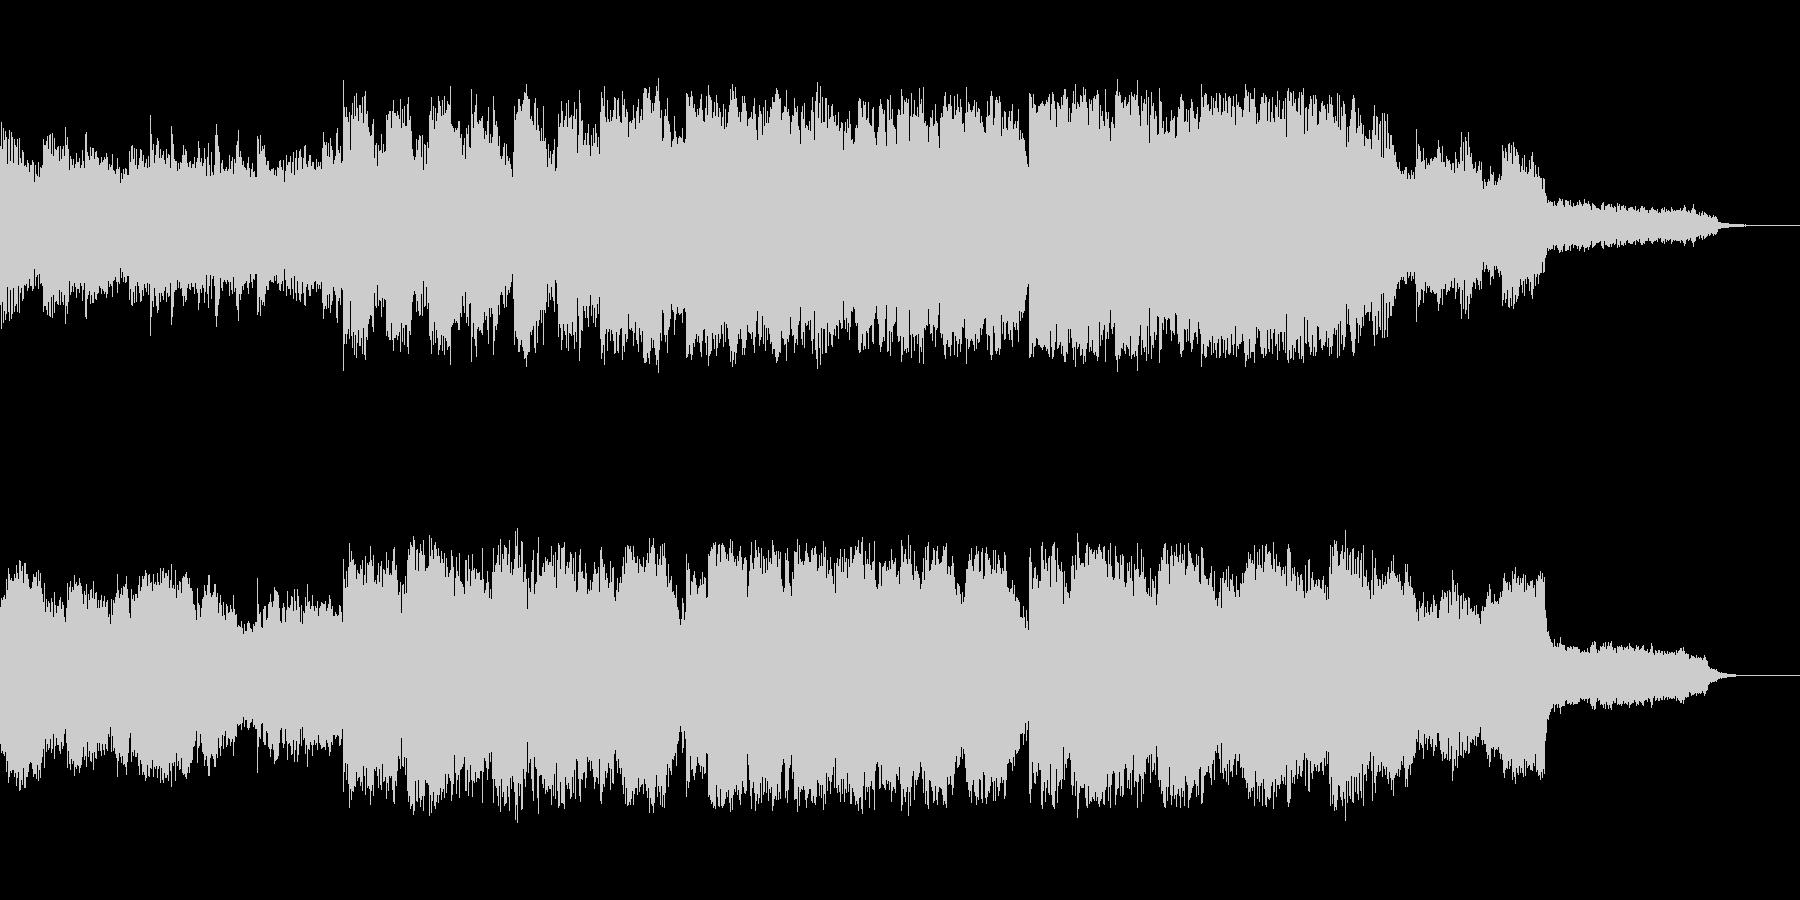 オルゴールの様なベルで奏でる30秒の童謡の未再生の波形